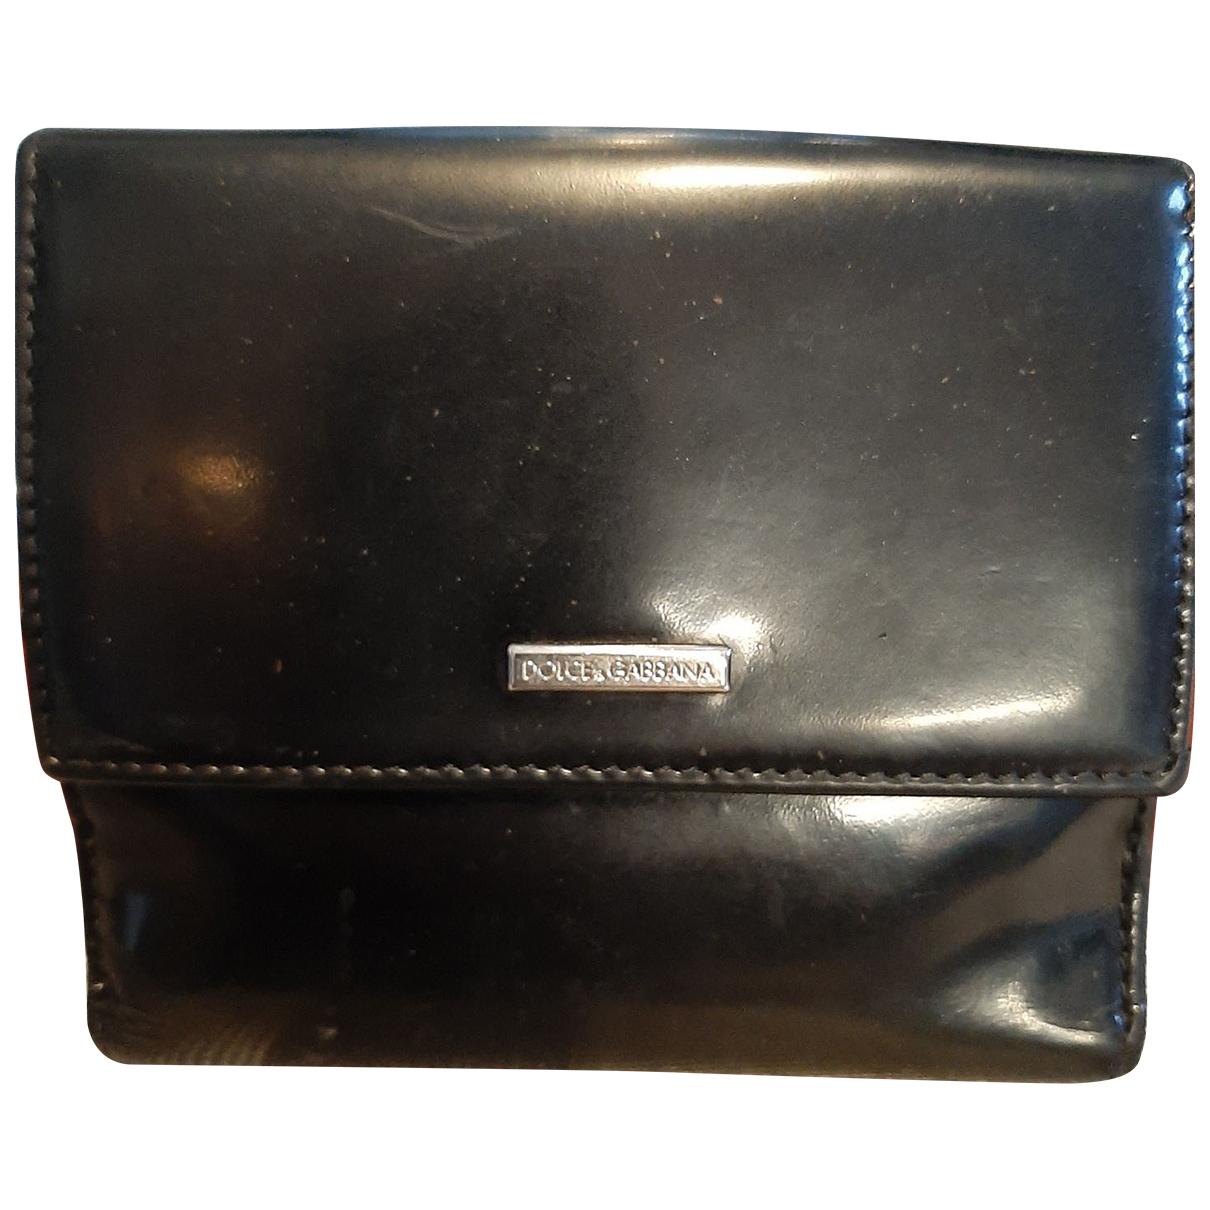 Dolce & Gabbana - Portefeuille   pour femme en cuir verni - noir